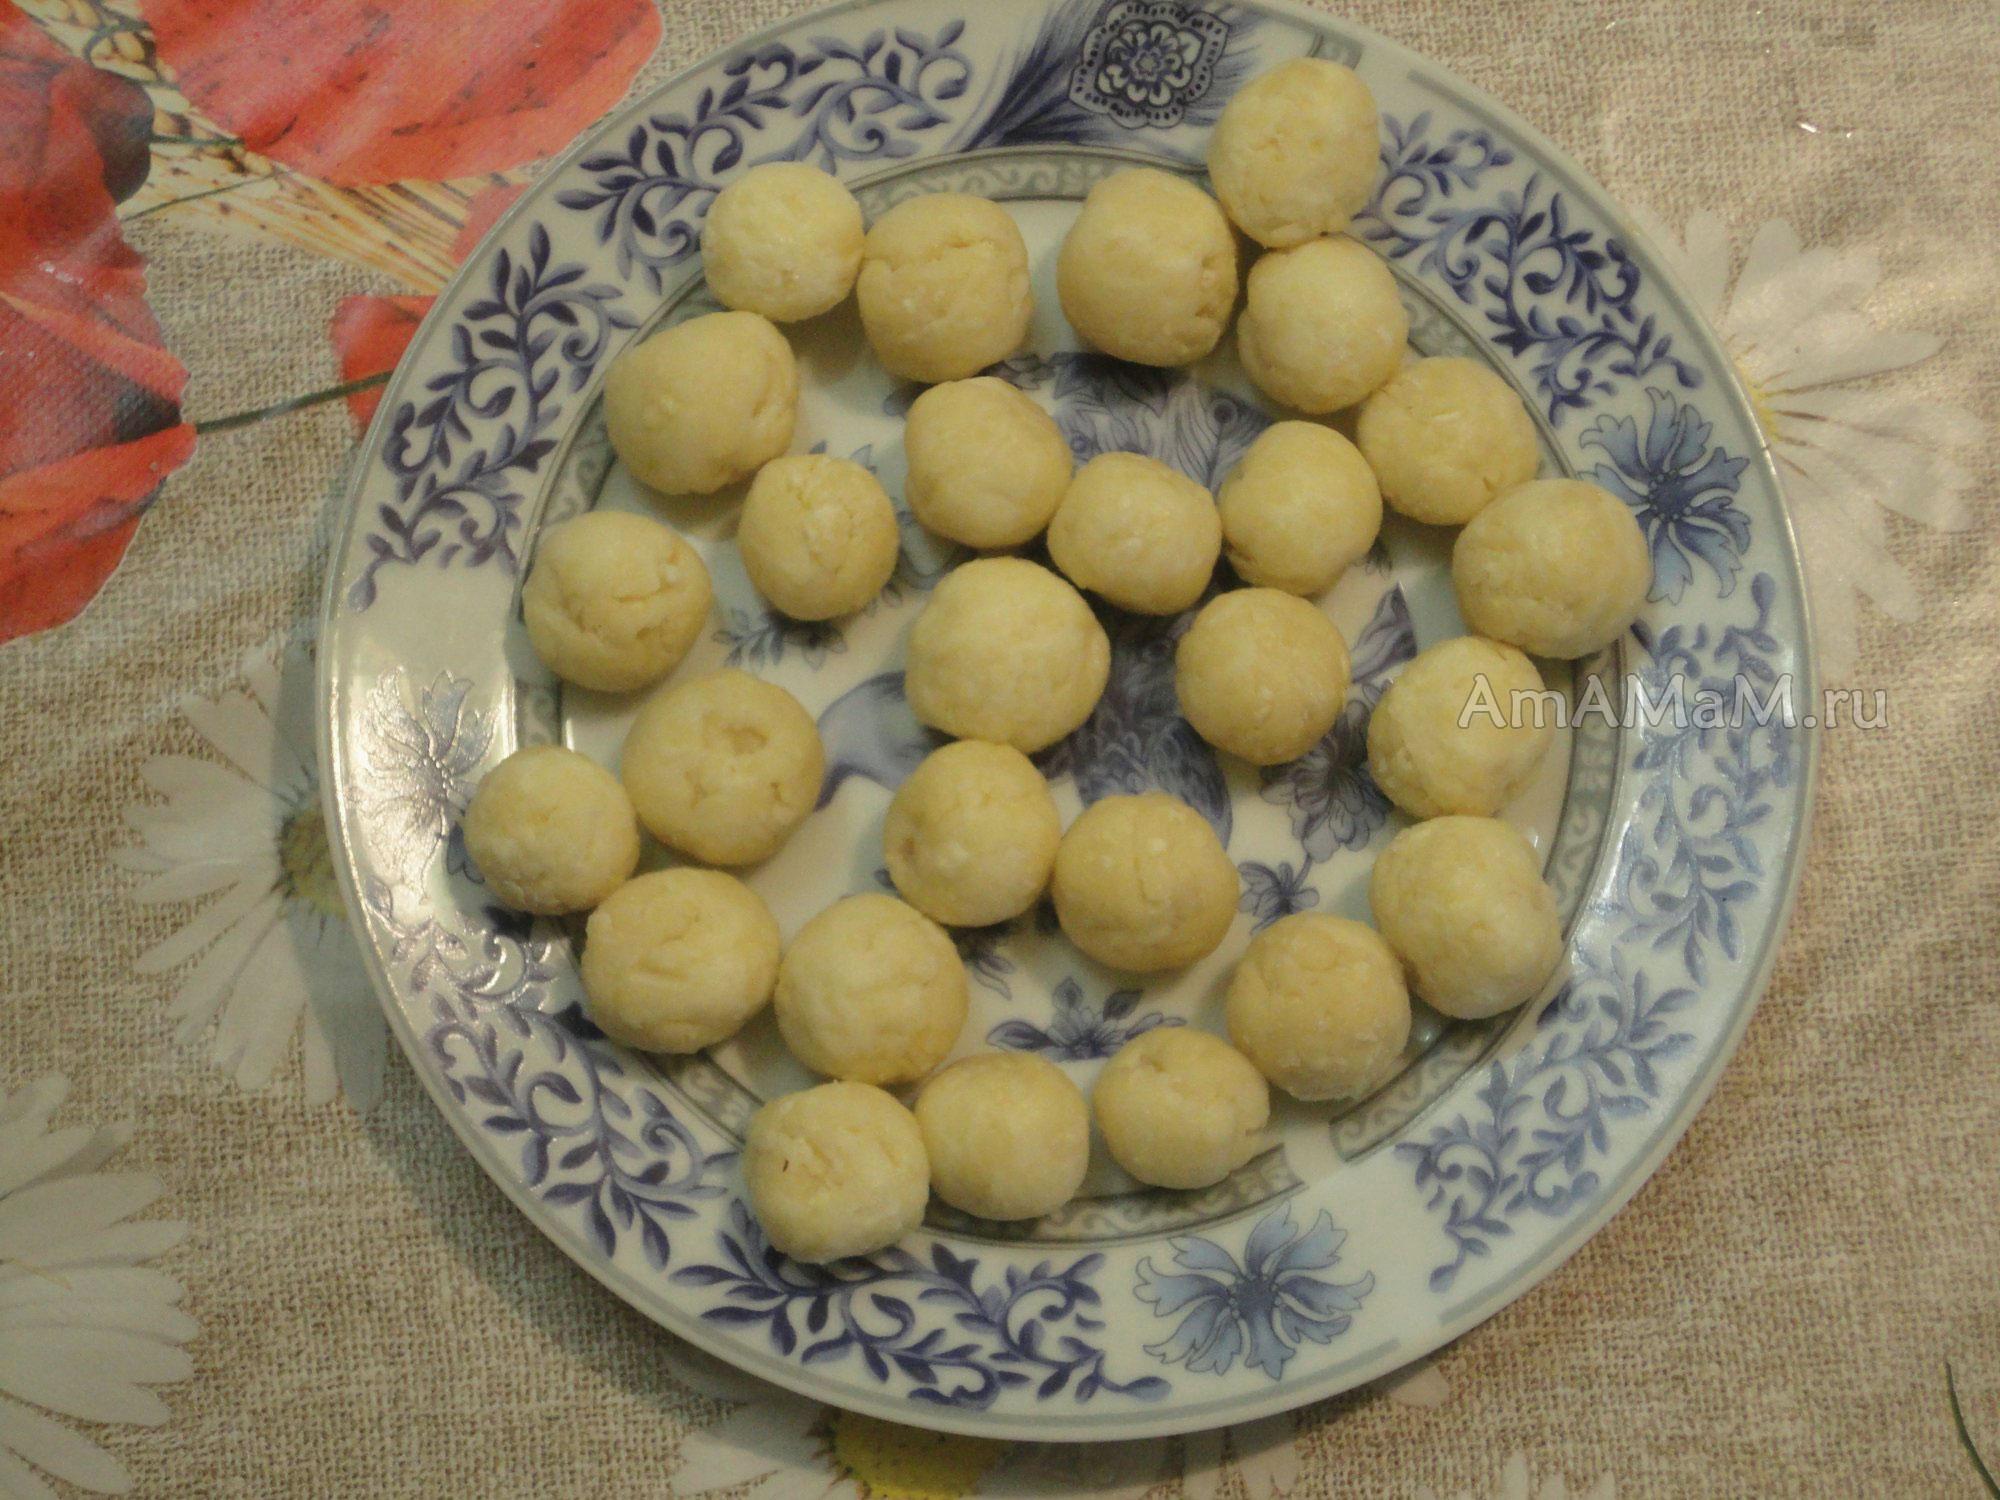 Сырные шарики из заварного теста рецепт пошагово